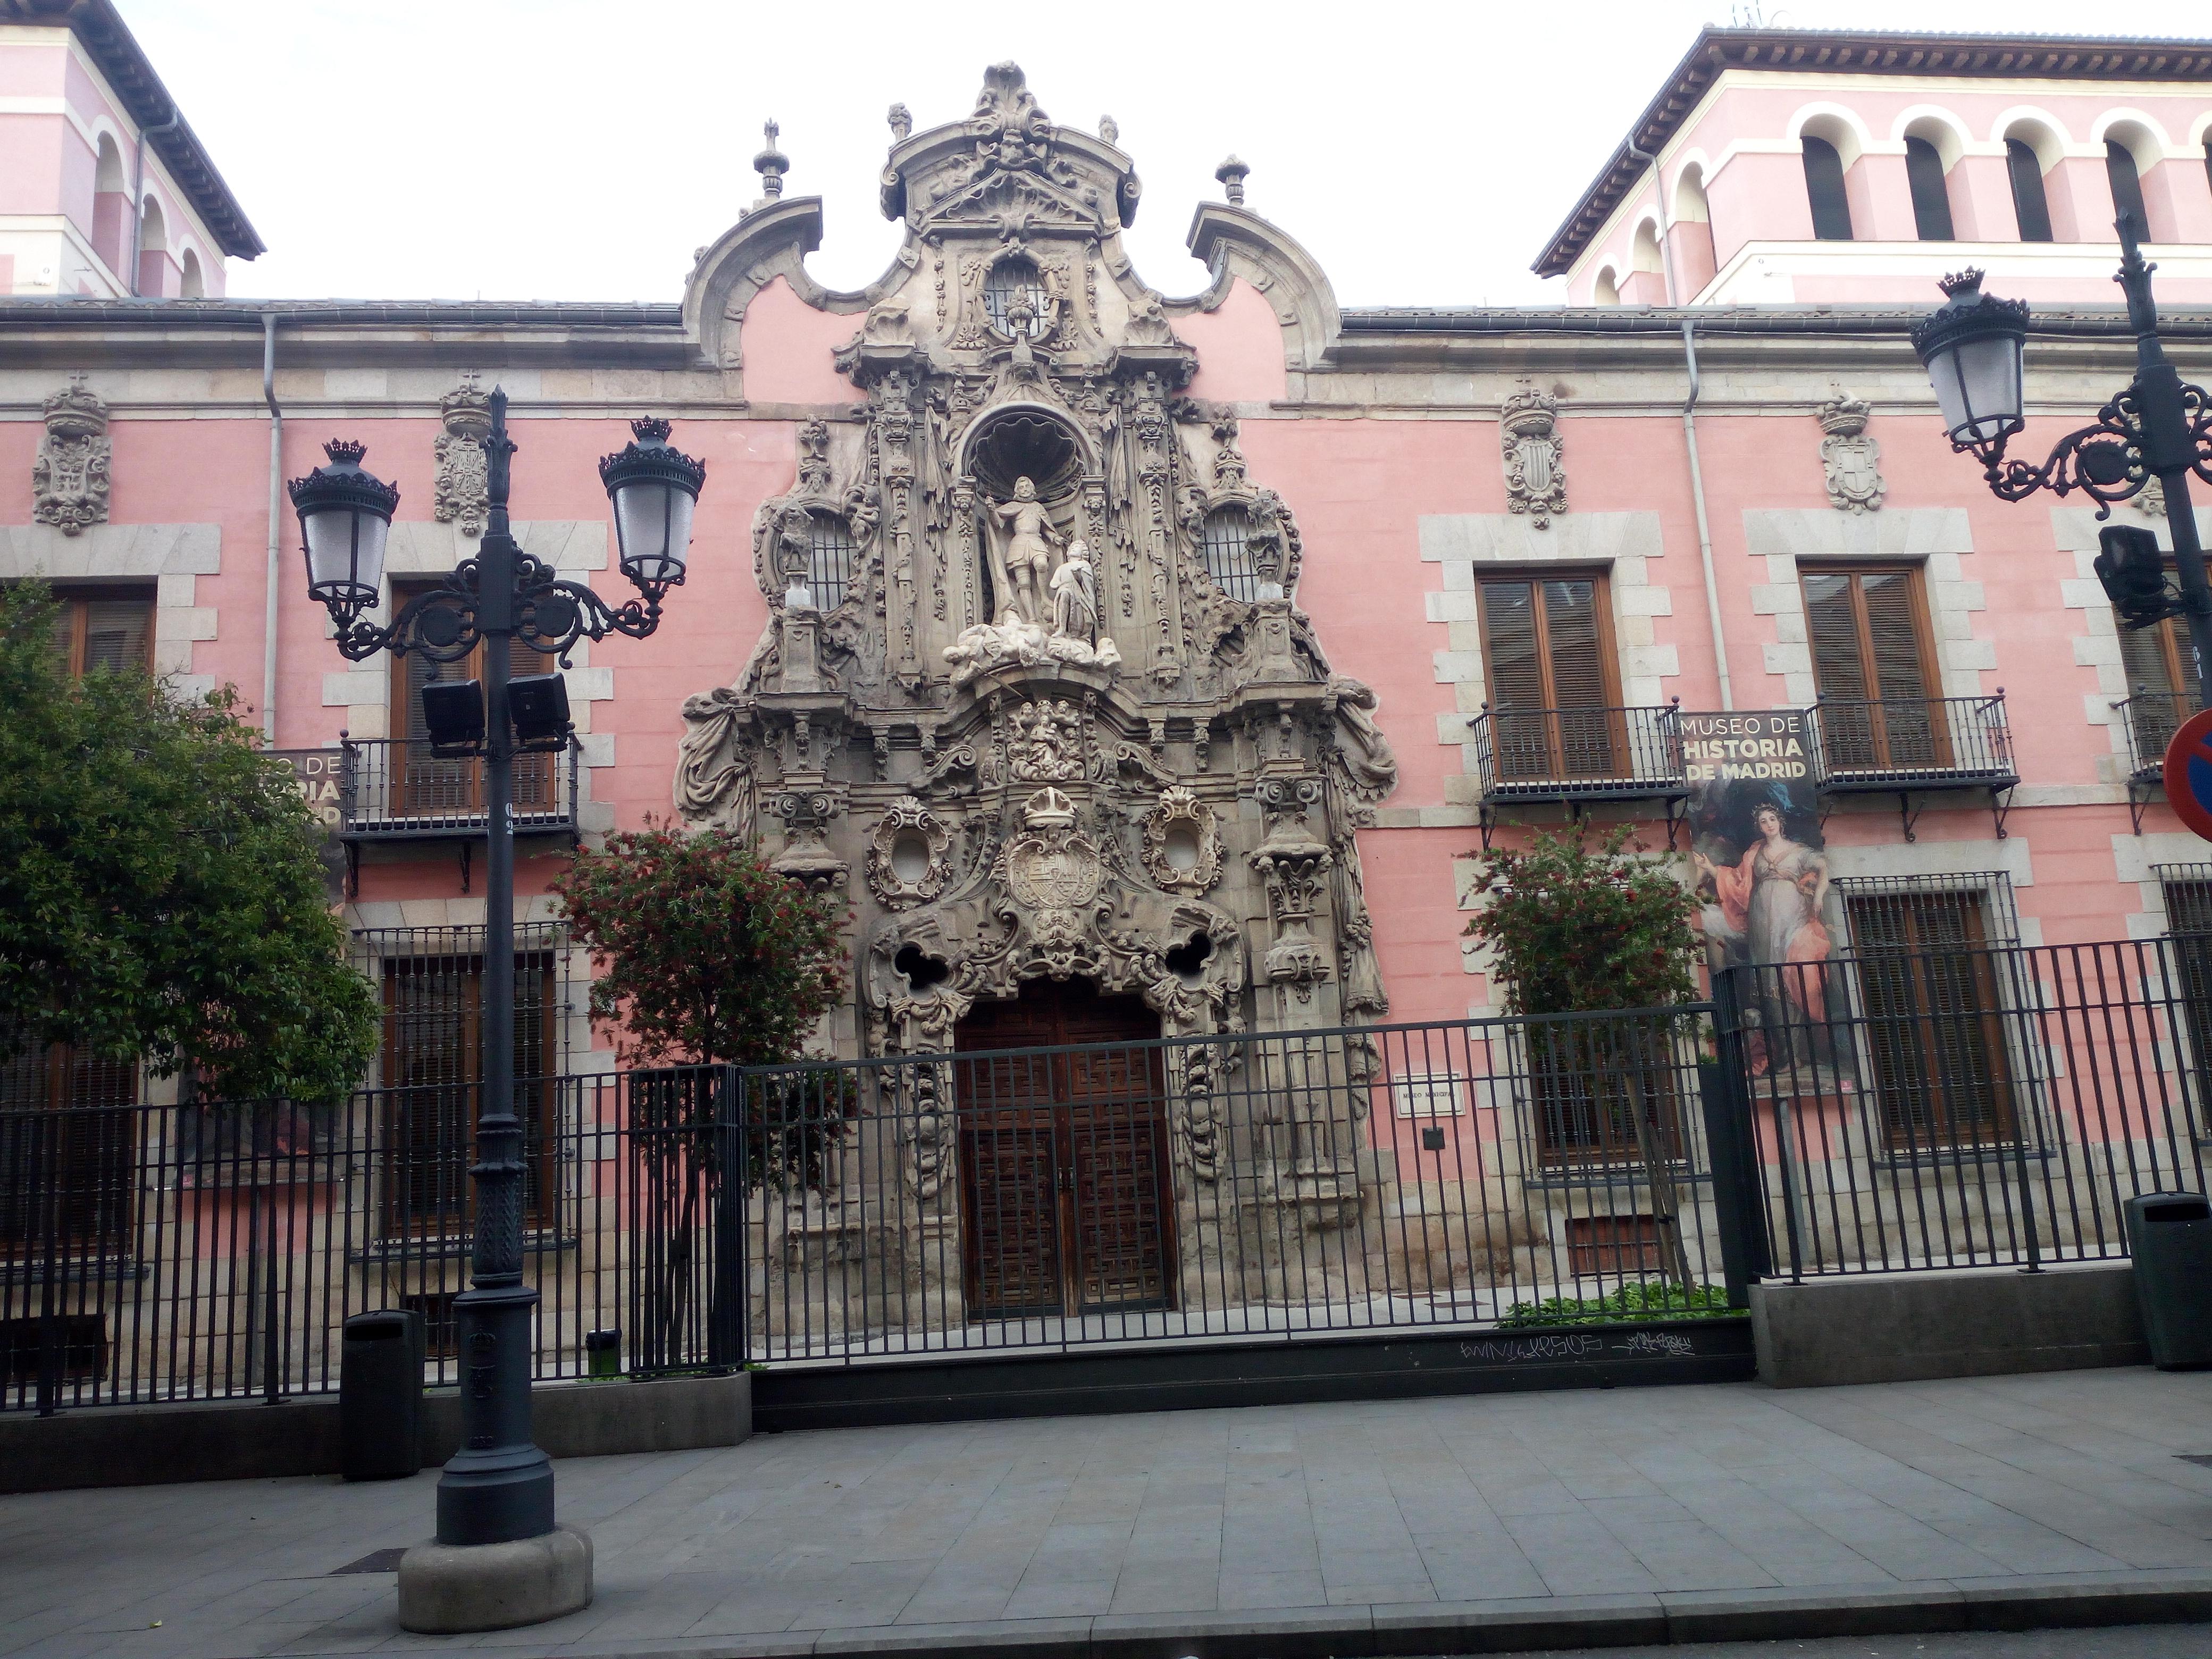 La historia de Madrid exhibida en un Museo!